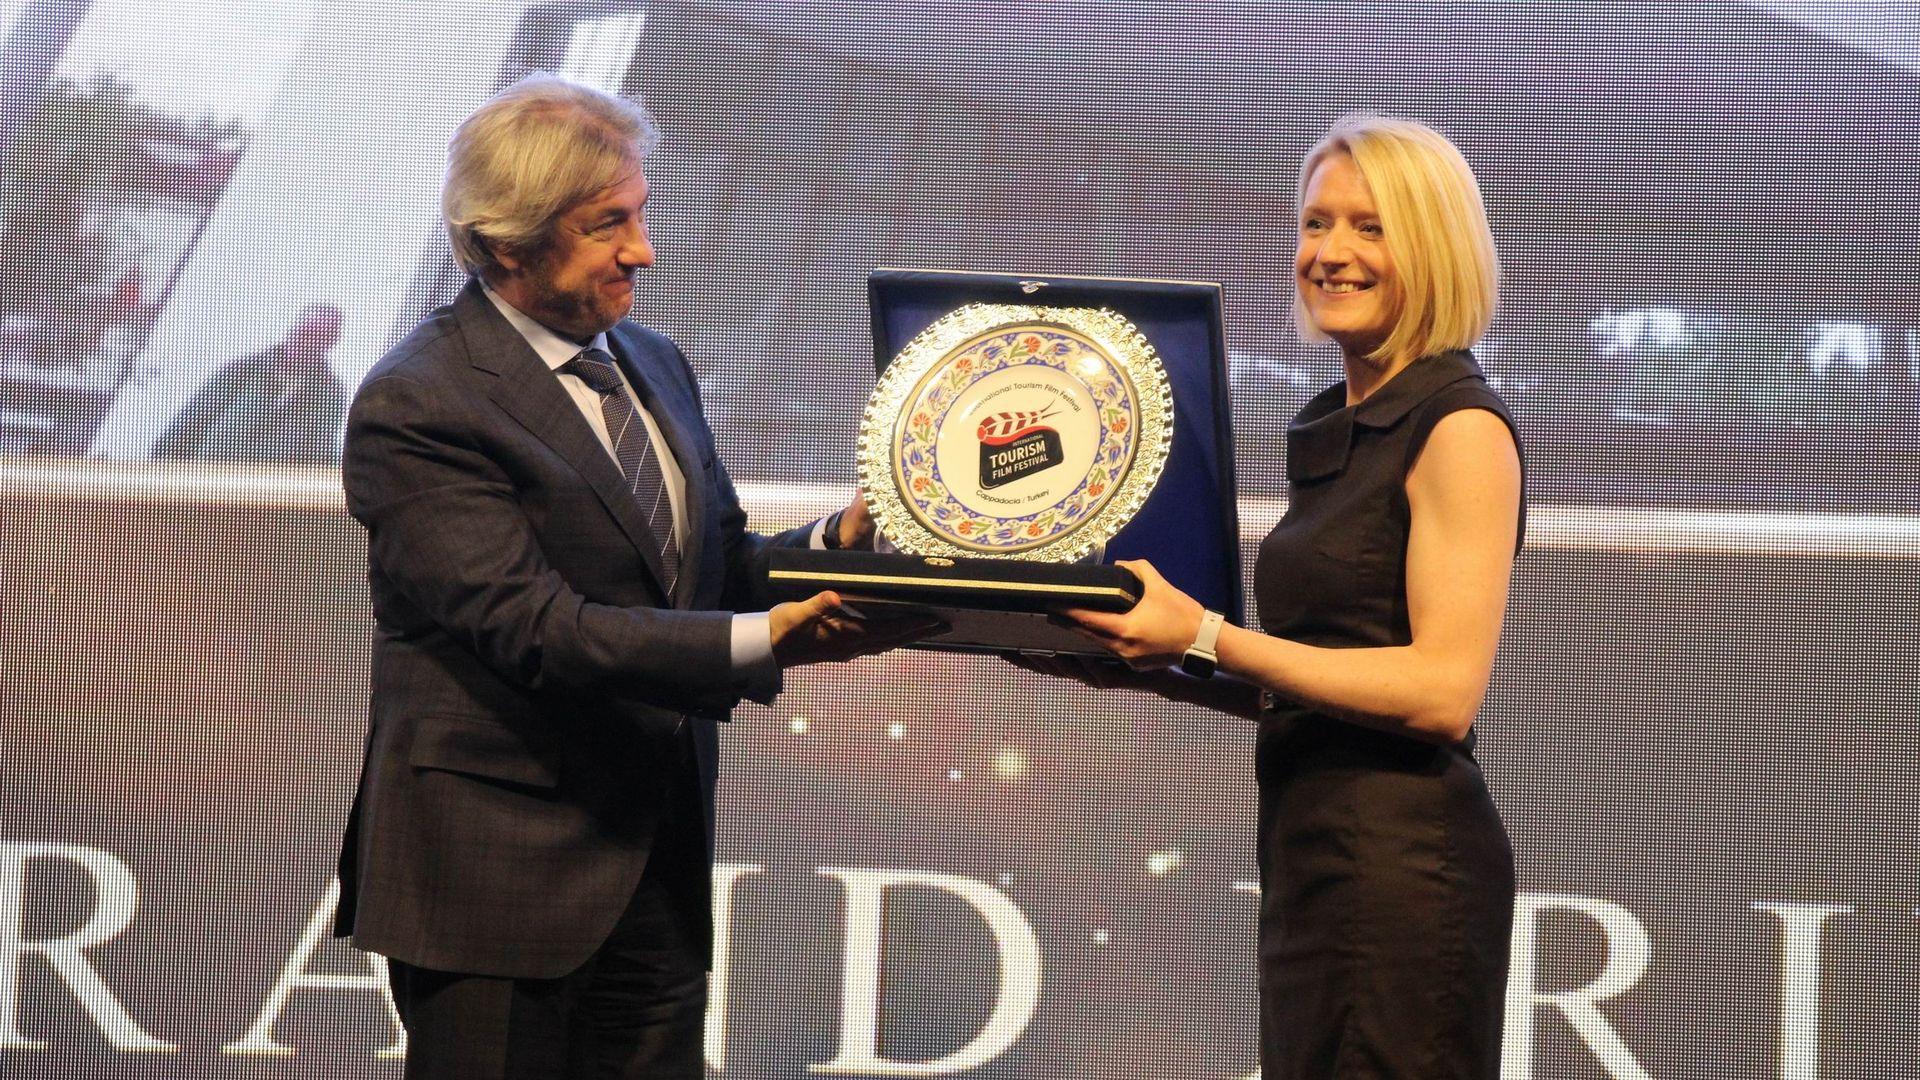 Turizm festivali ödülleri töreni gerçekleştirildi